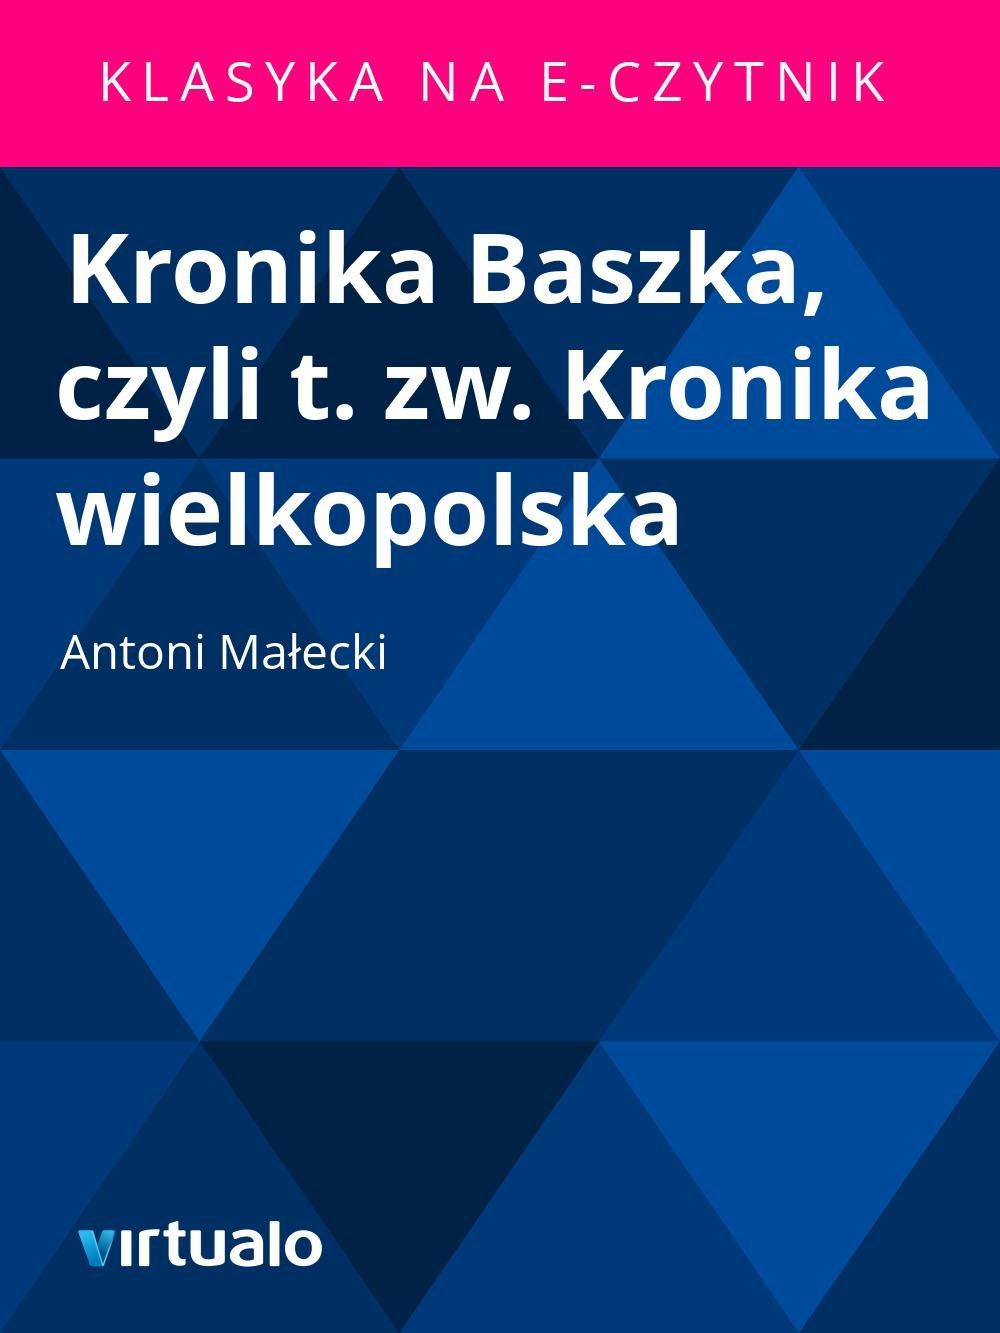 Kronika Baszka, czyli t. zw. Kronika wielkopolska - Ebook (Książka EPUB) do pobrania w formacie EPUB